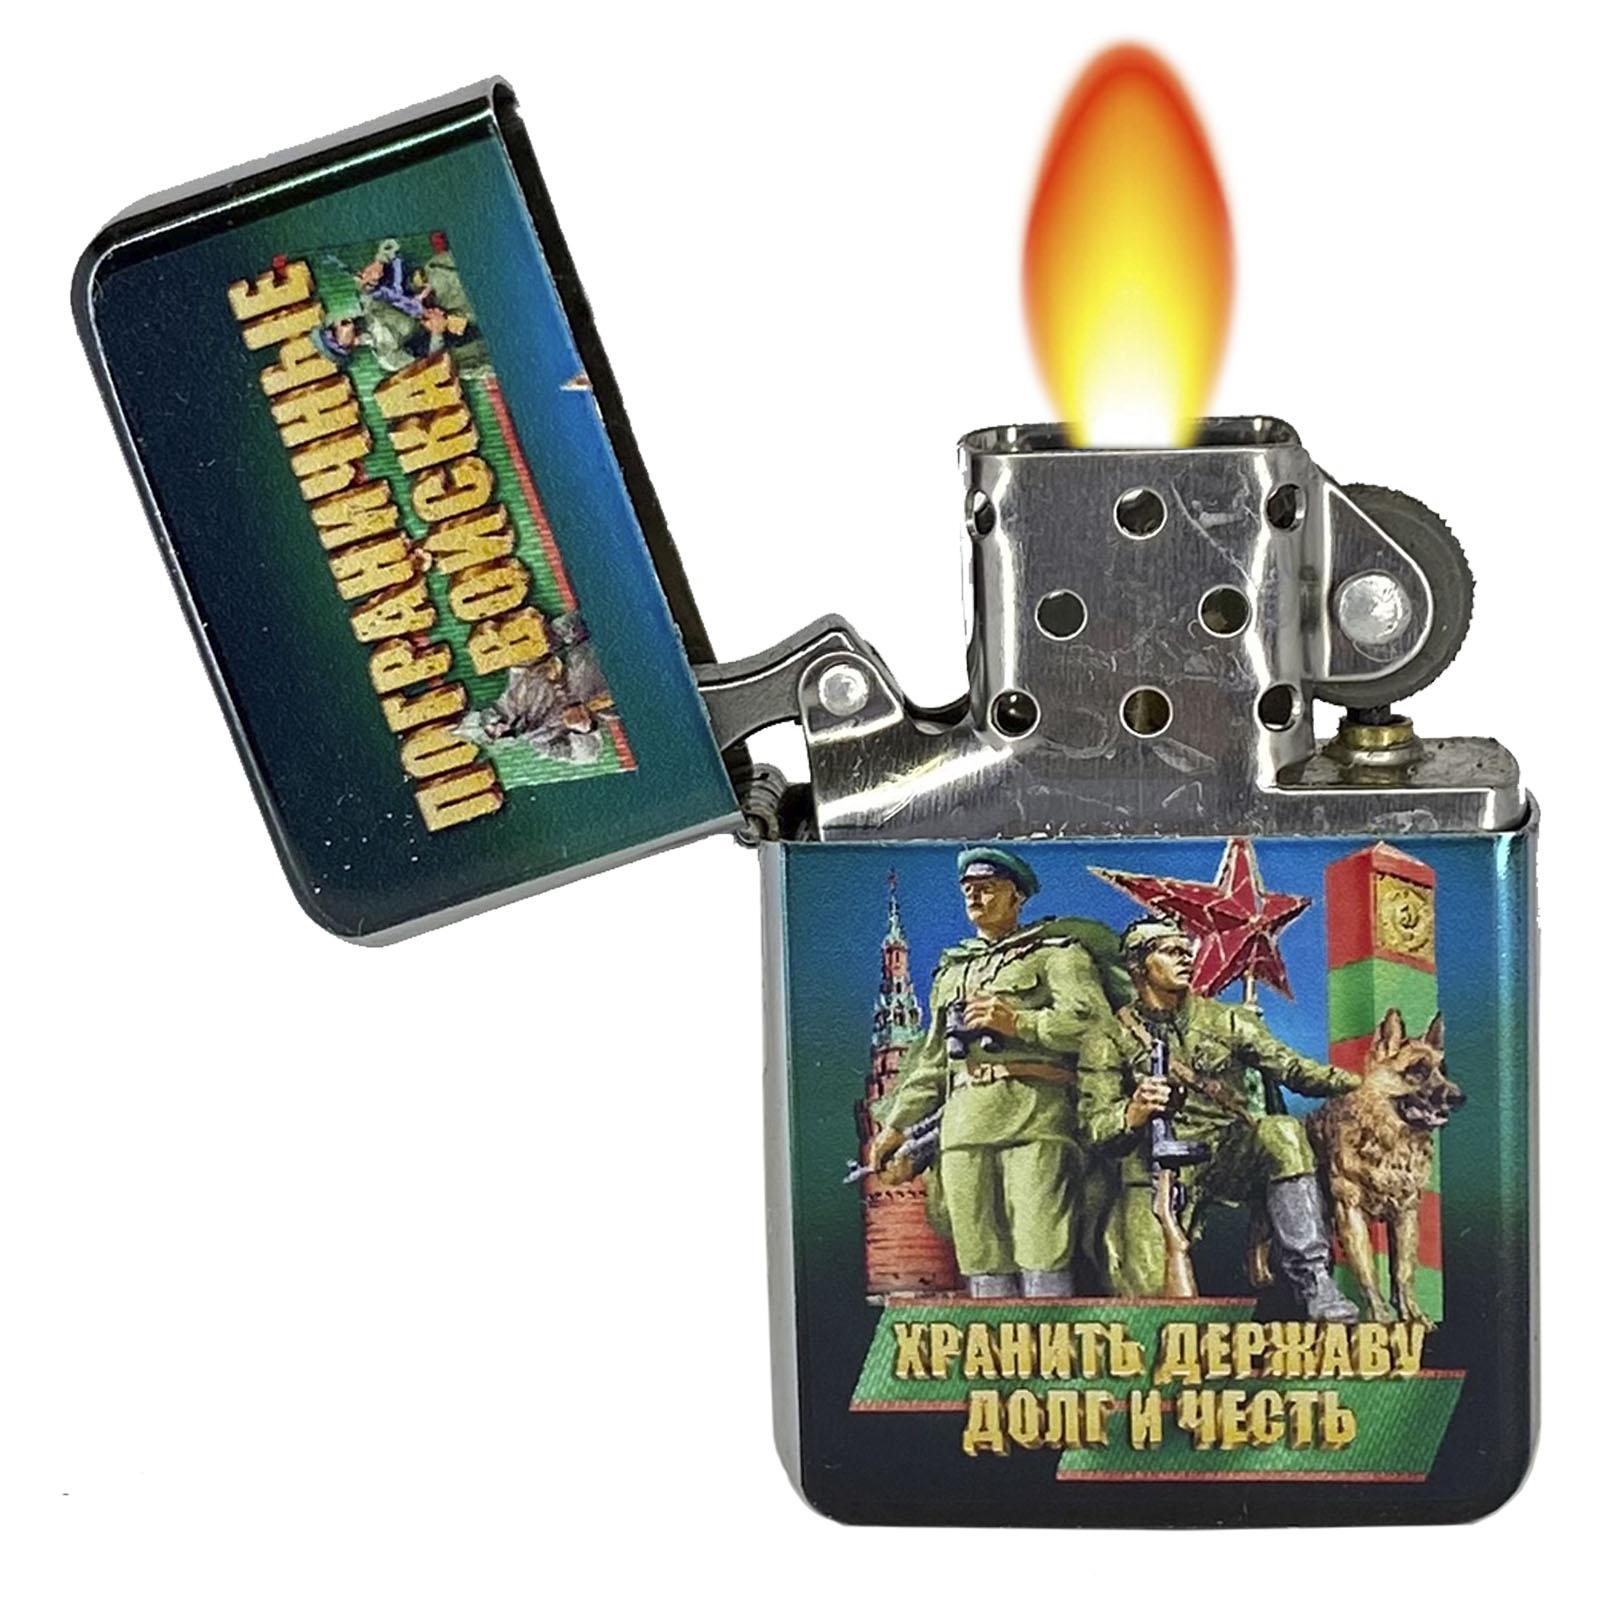 Бензиновая зажигалка в подарок пограничнику по выгодной цене